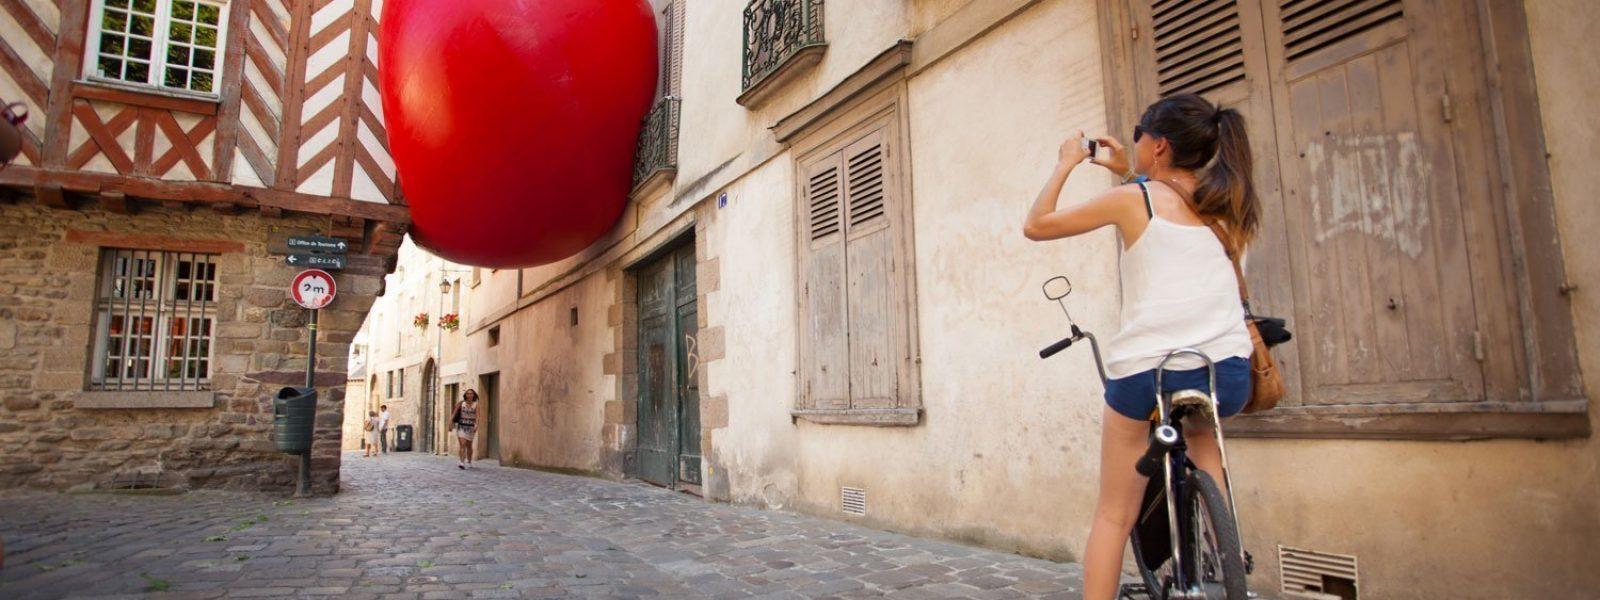 art contemporain dans les rues à Rennes